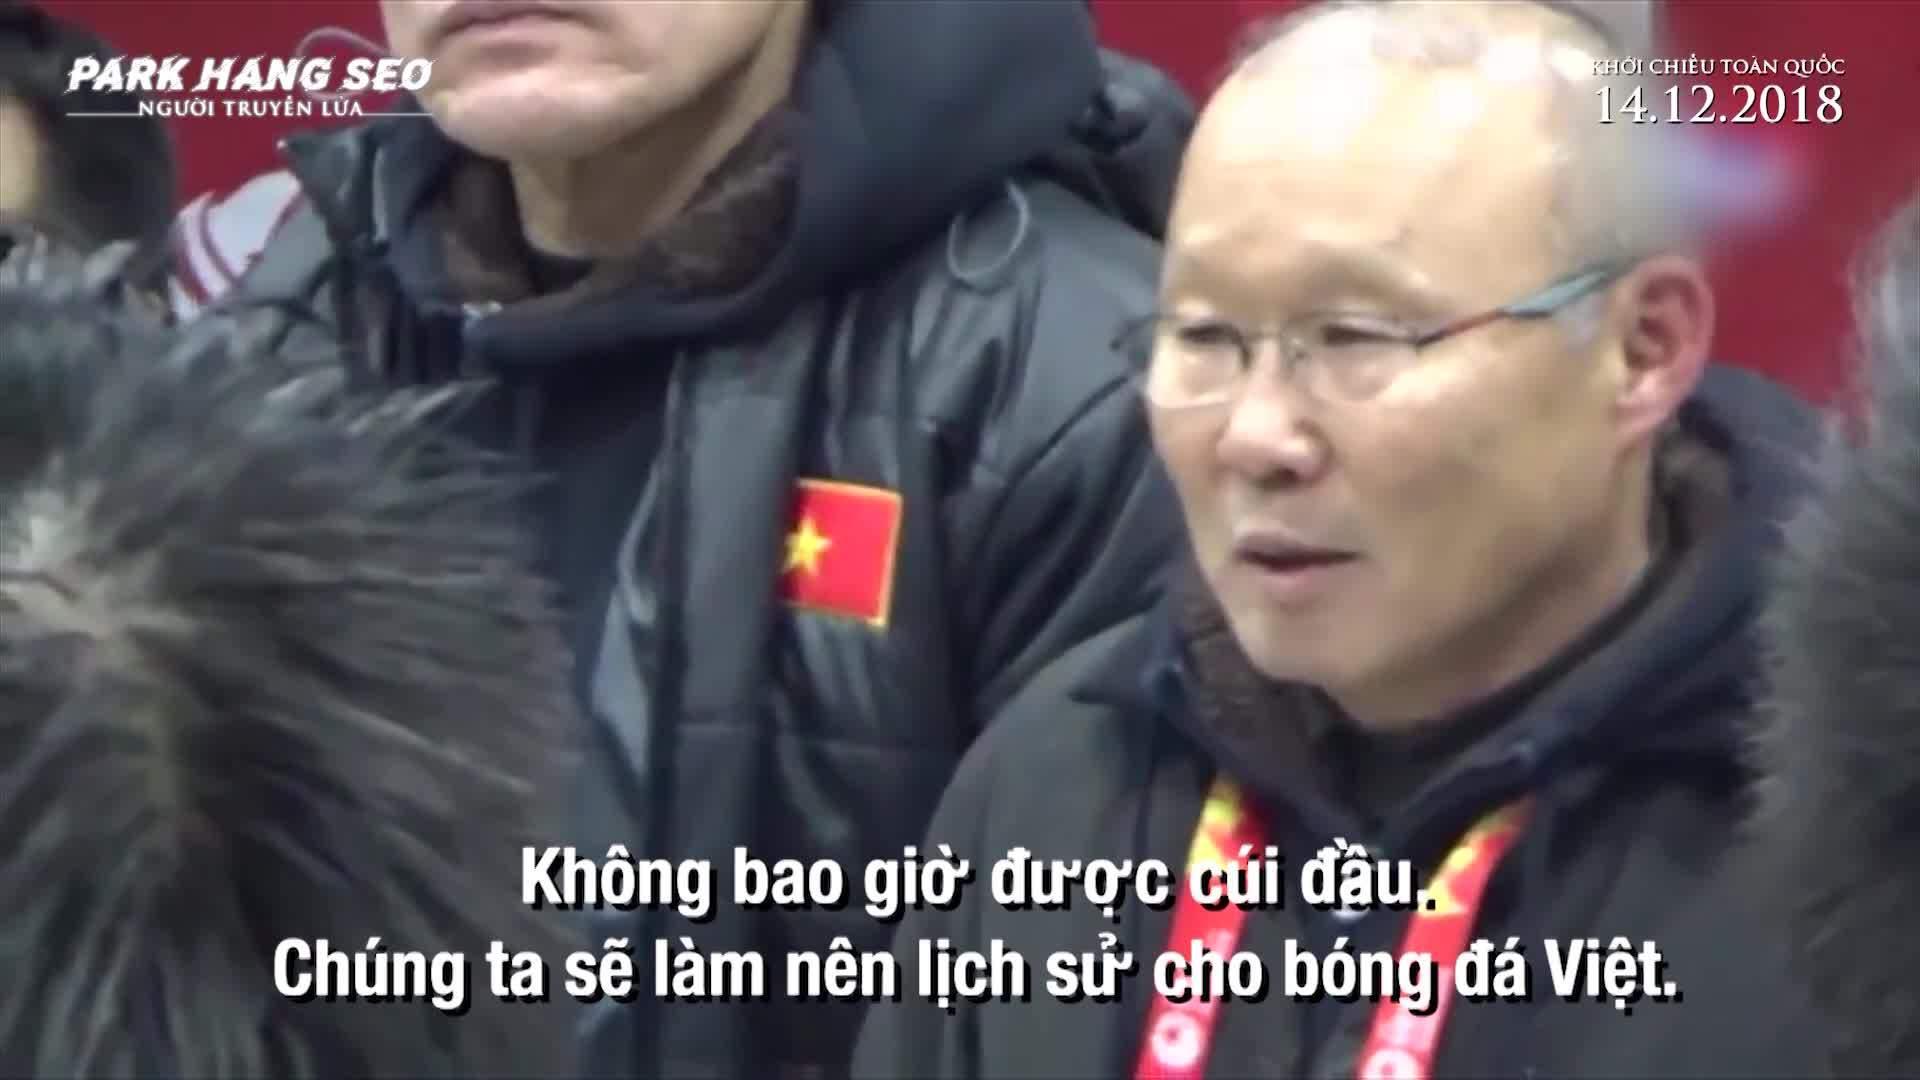 Trailer phim tai lieu Park Hang Seo nguoi truyen lua U23 Vietnam